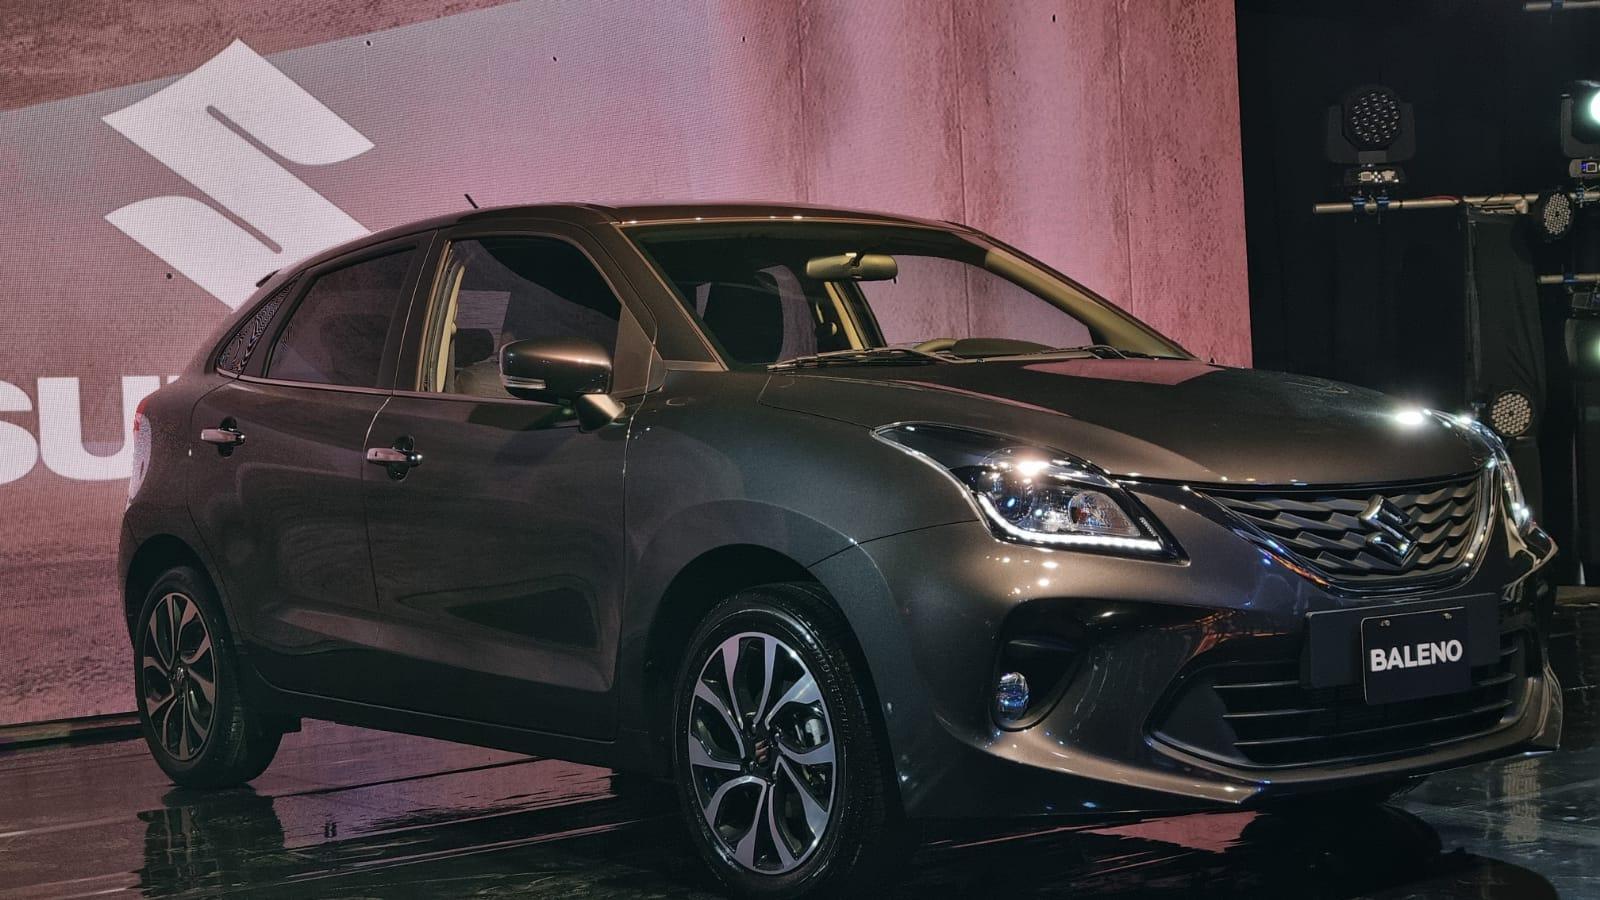 Suzuki Baleno: el nuevo hatchback bueno, bonito y baleno